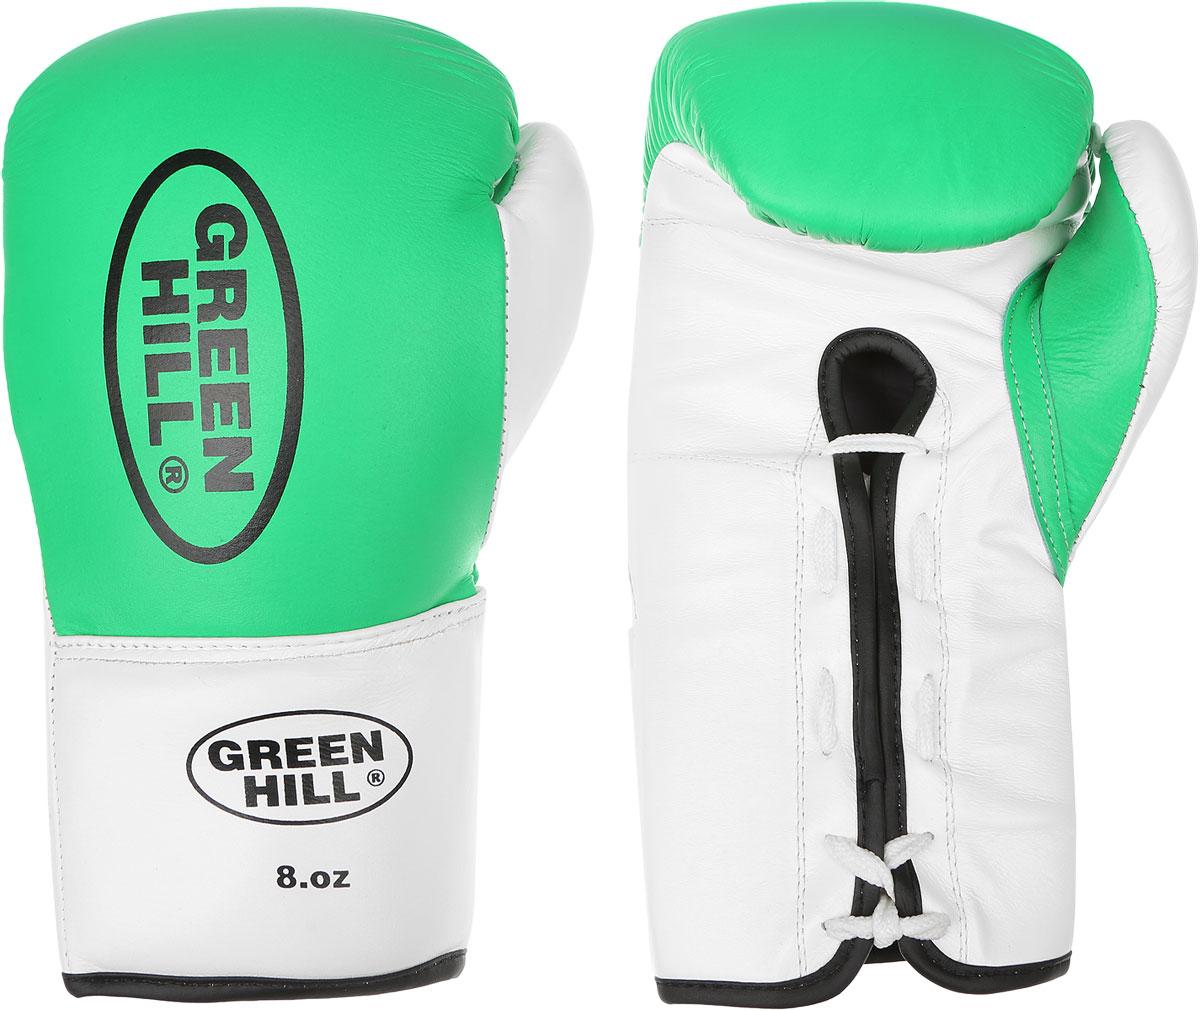 Перчатки боксерские Green Hill Proffi, цвет: зеленый, белый, черный. Вес 8 унций. BGP-2014BGP-2014Боксерские перчатки Green Hill Proffi предназначены для использования профессионалами. Верх выполнен из натуральной кожи, наполнитель - из вспененного полимера. Отверстие в области ладони позволяет создать максимально комфортный терморежим во время занятий. Манжет на шнуровке способствует быстрому и удобному надеванию перчаток, плотно фиксирует перчатки на руке.